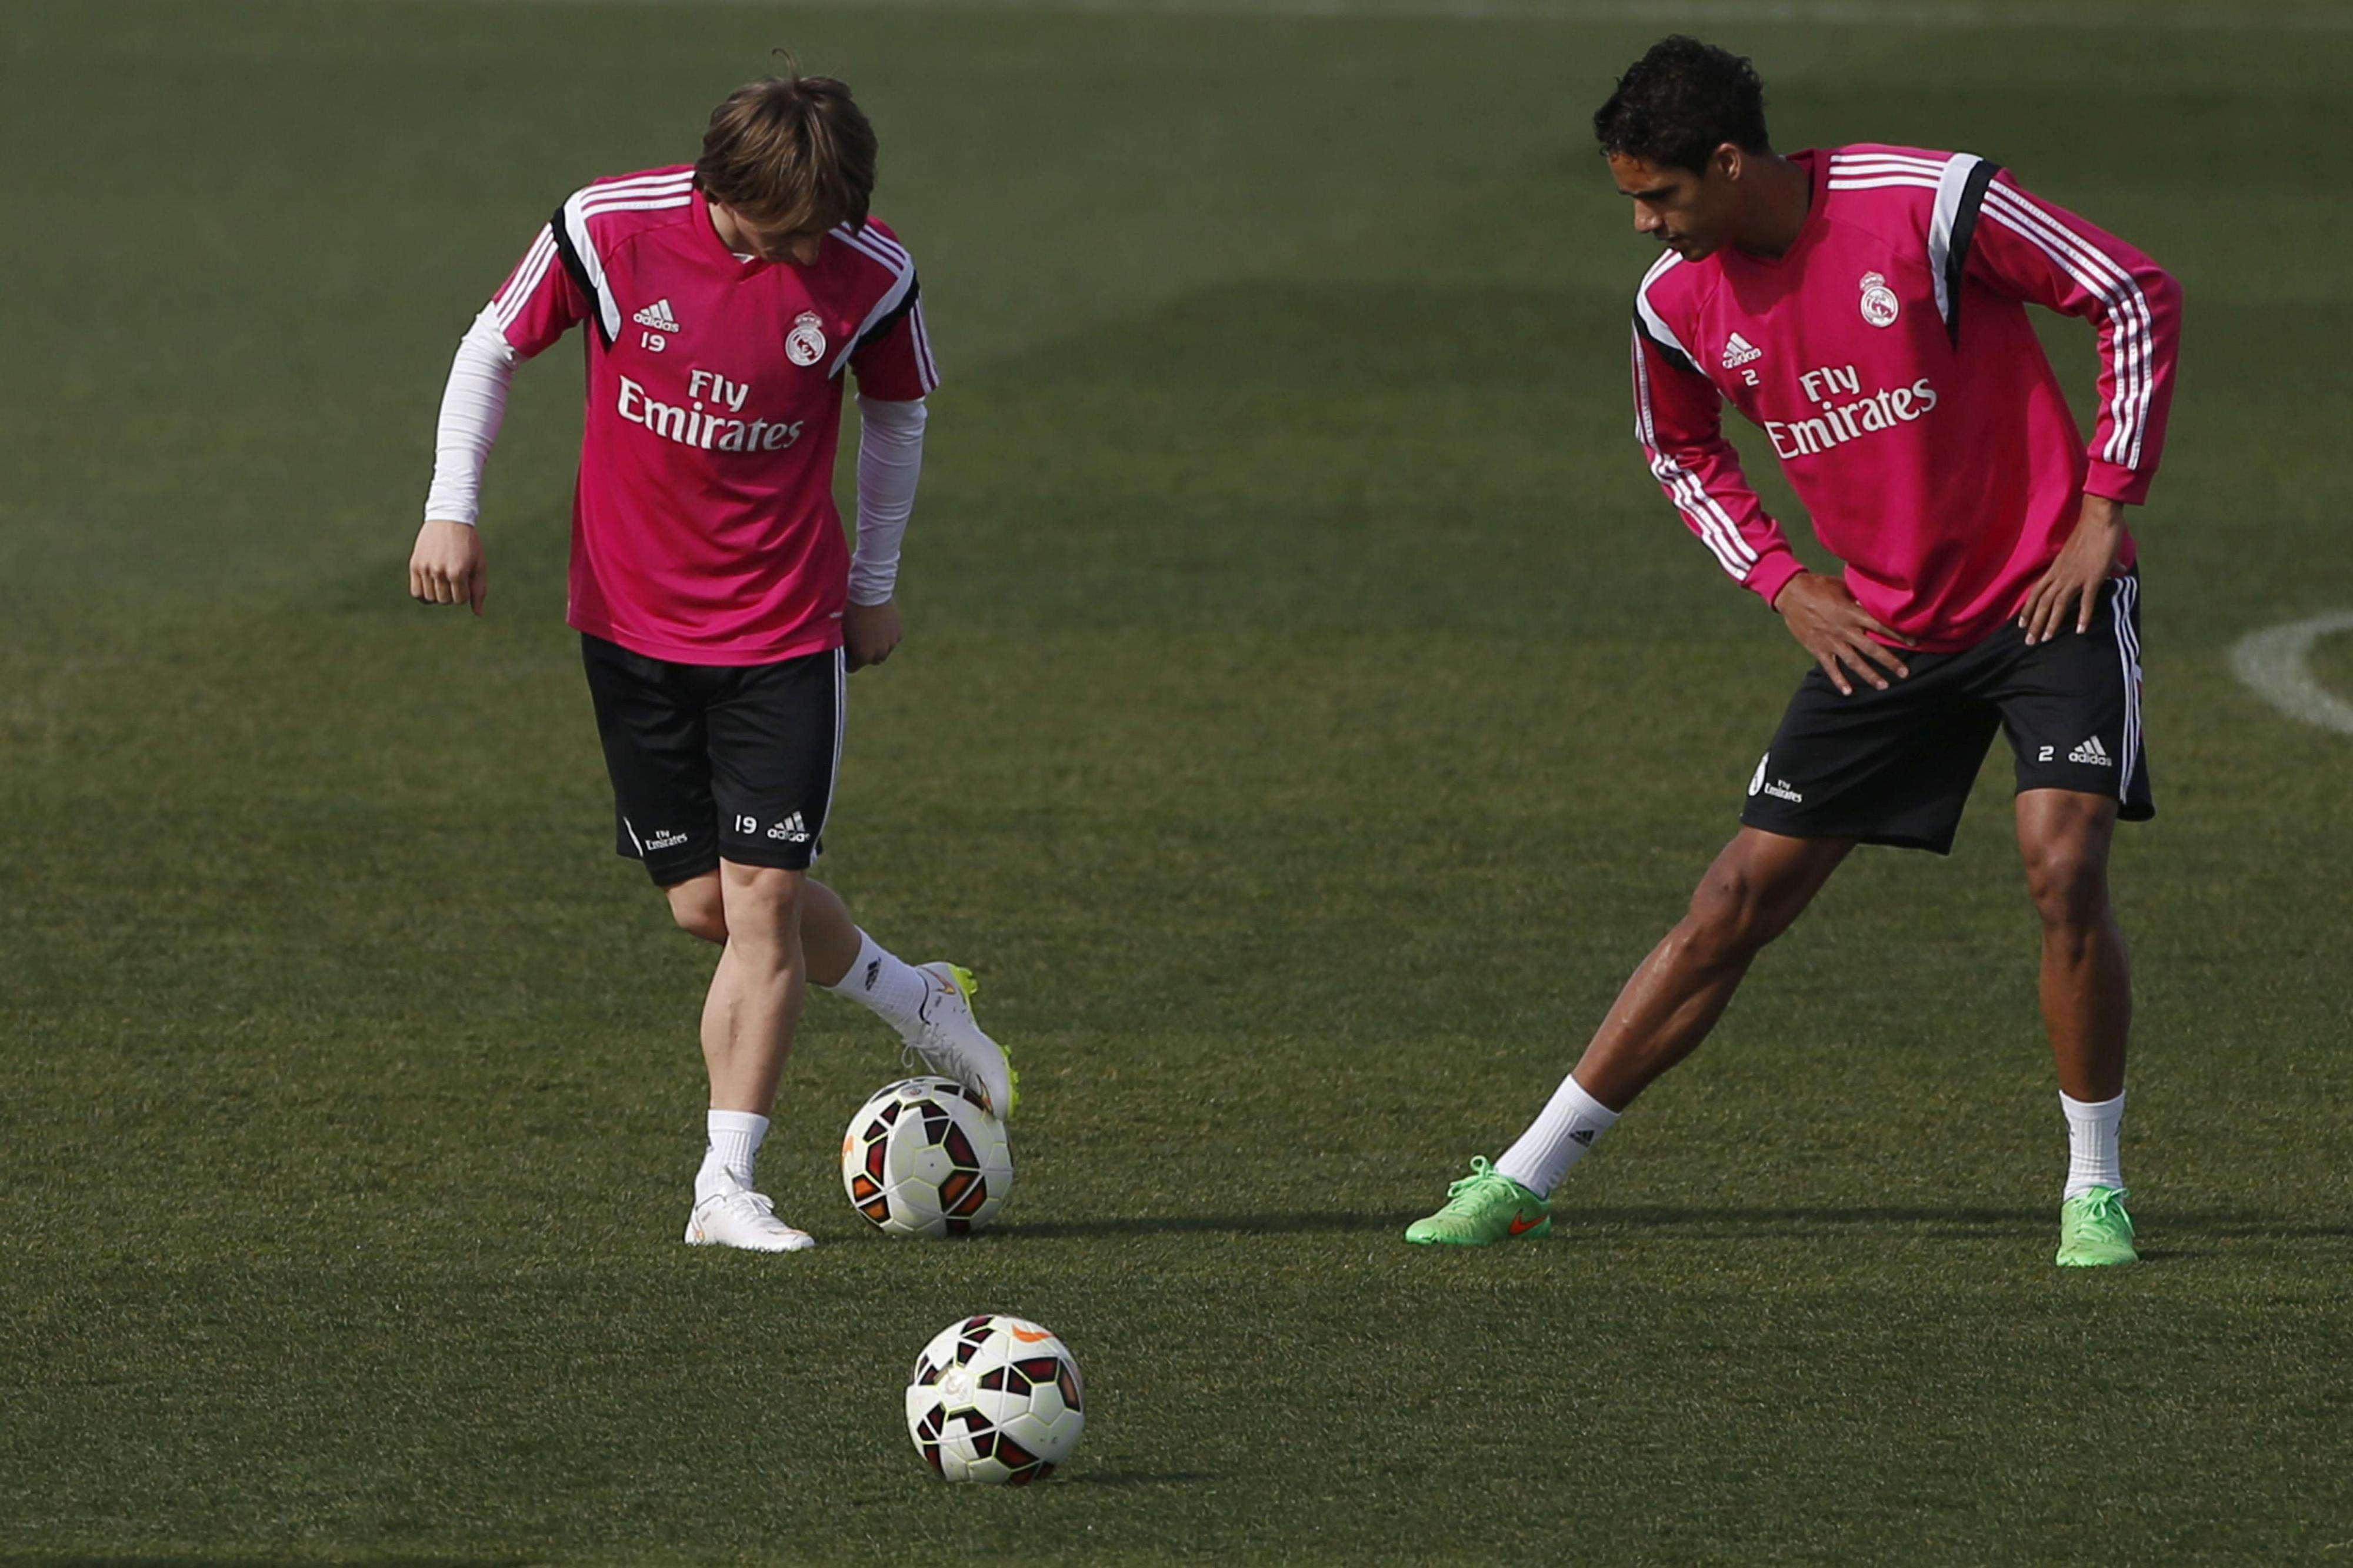 Luka Modric durante un entrenamiento con el Real Madrid (28/2/2015). Foto: EFE en español